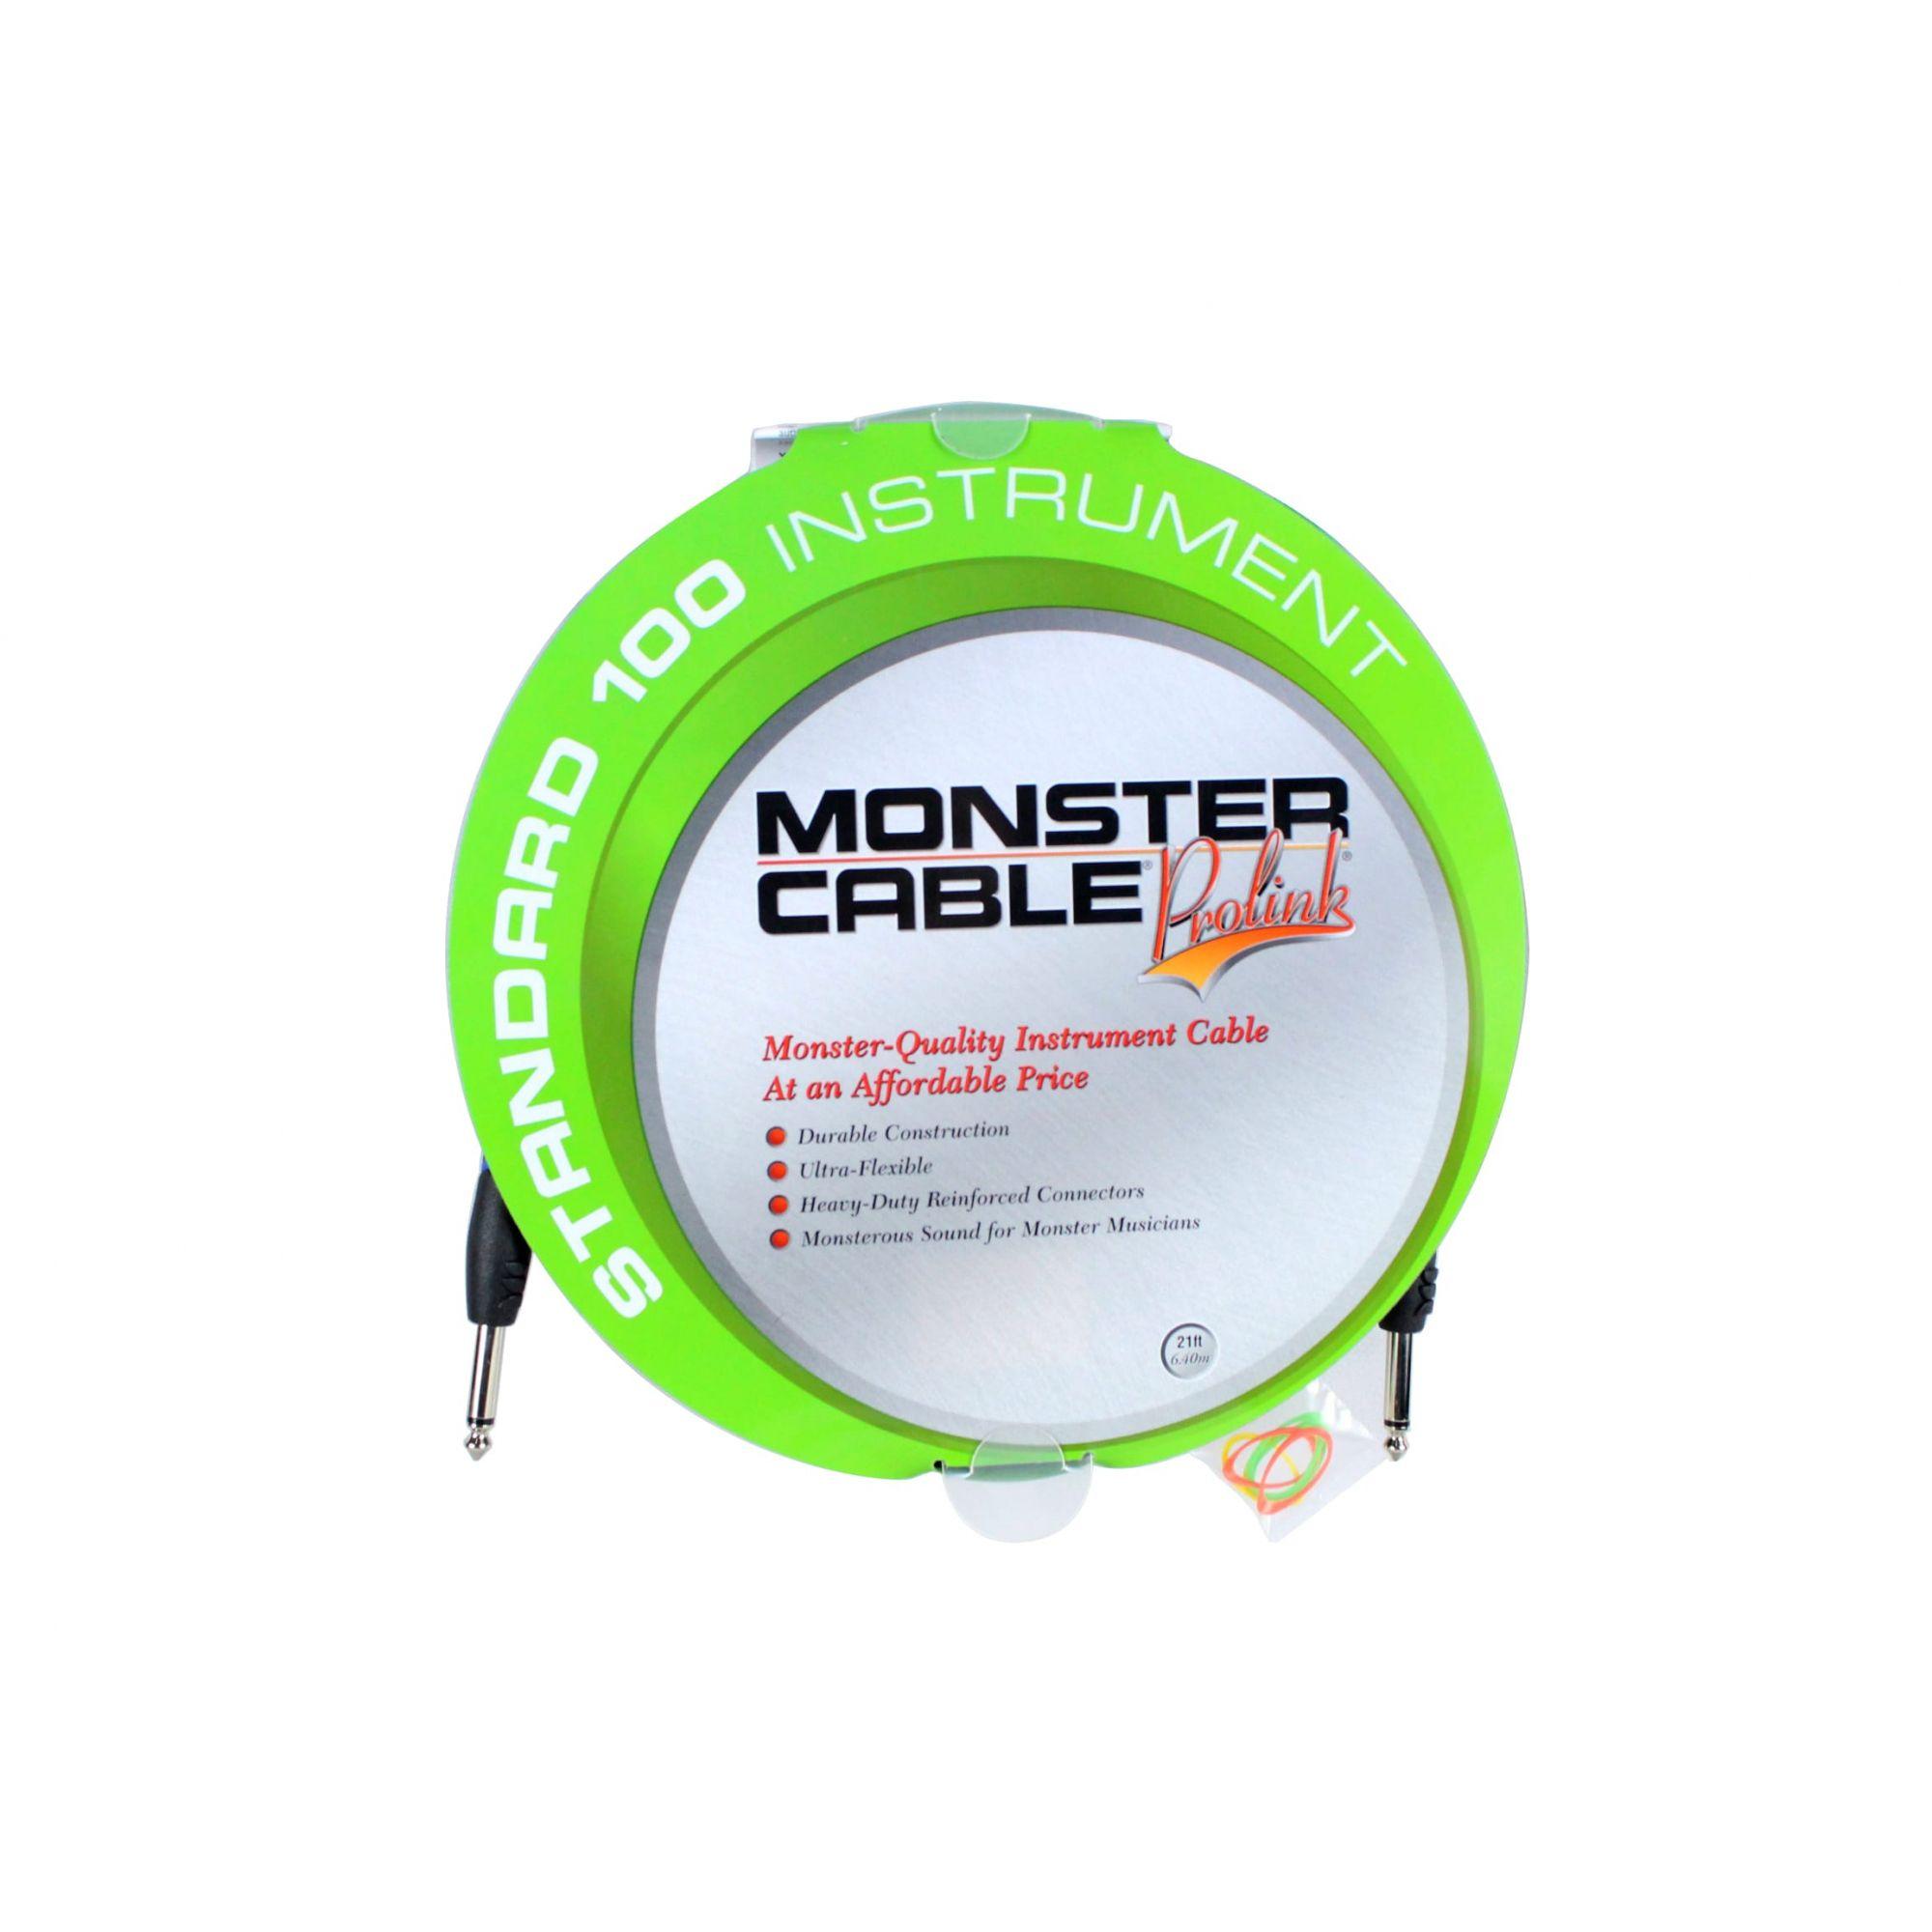 Cabo para instrumento P10 / P10 mono com 6,40 metros | Standard 100 Instrument | Monster Cable | S100-I-21